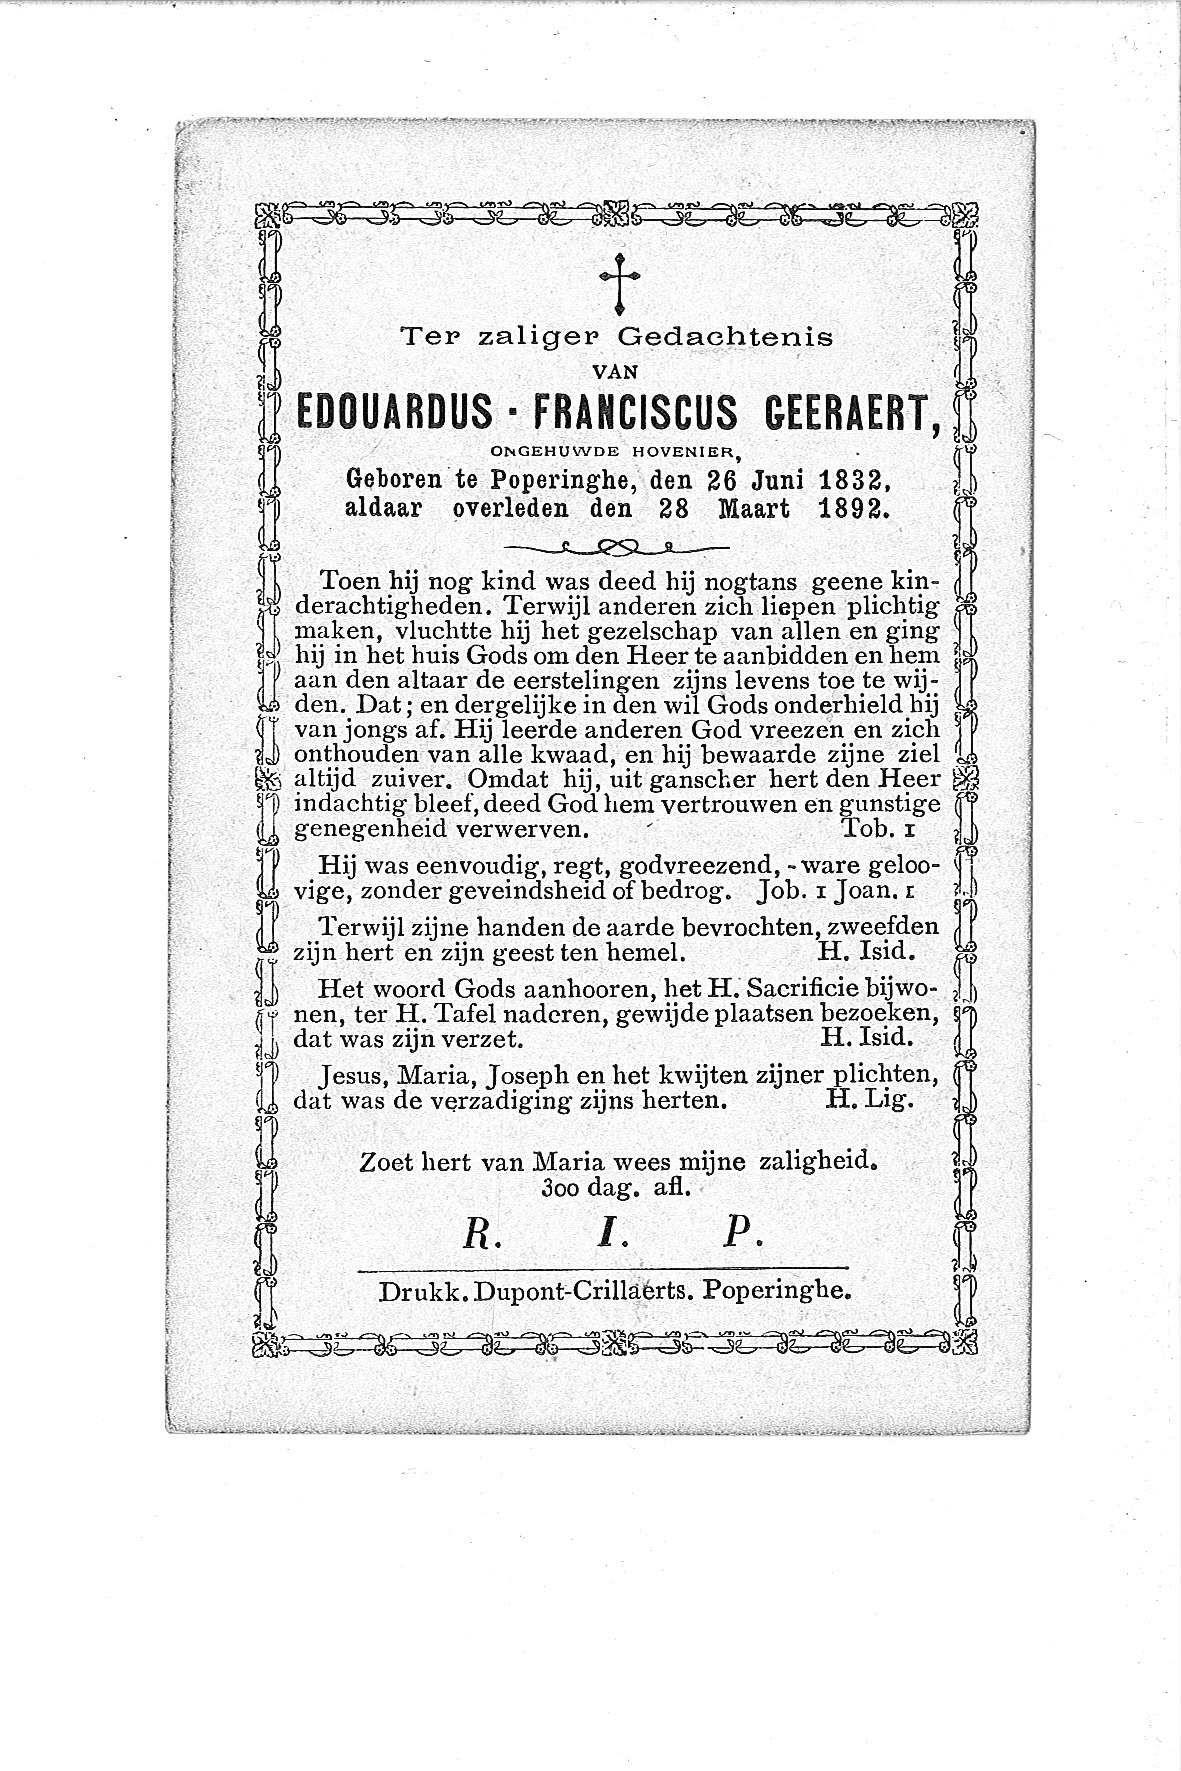 Edouardus-Franciscus(1892)20091118093424_00023.jpg